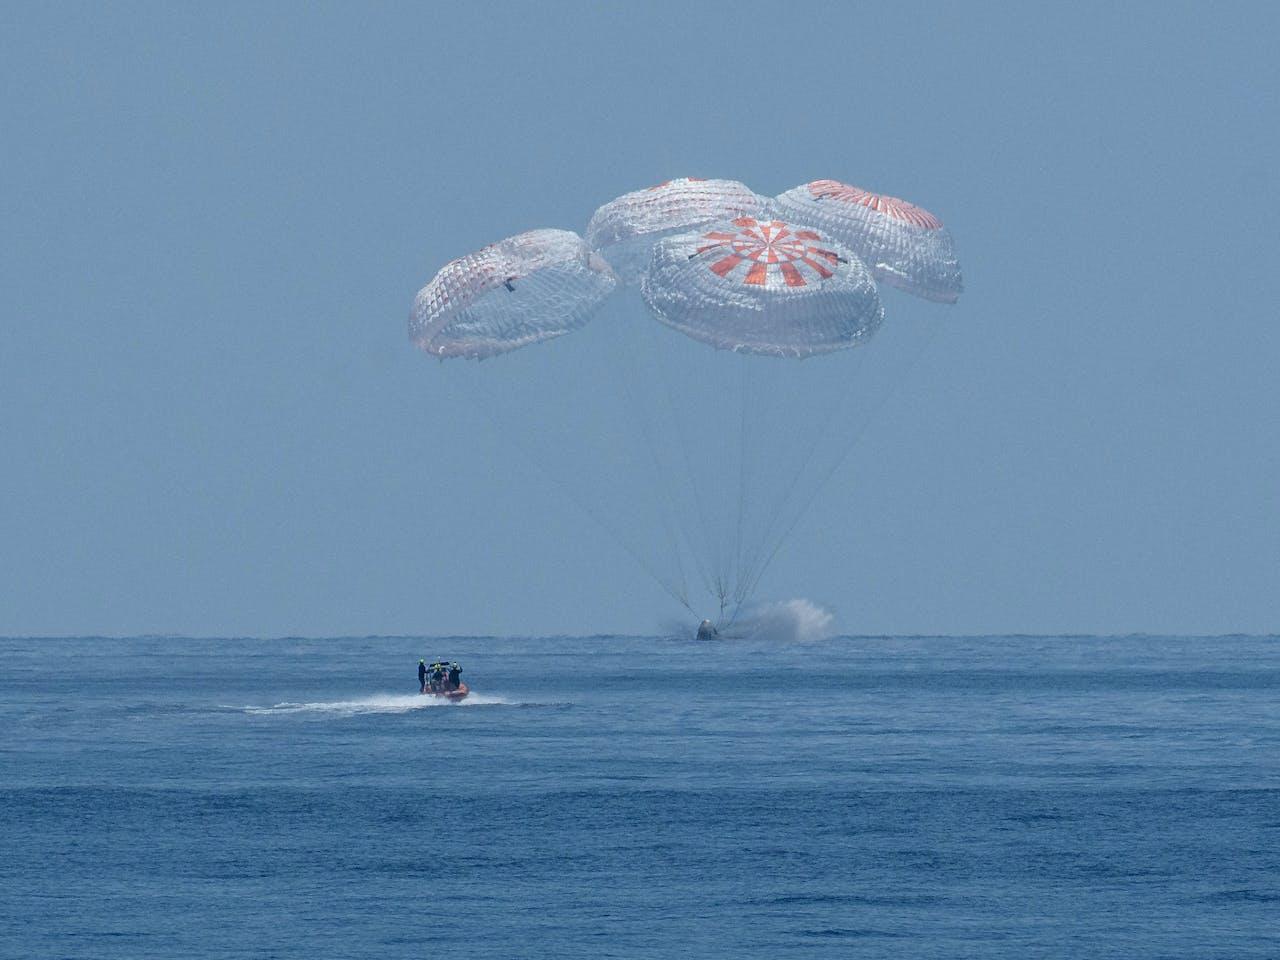 SpaceX-bemanning landt met een capsule in zee